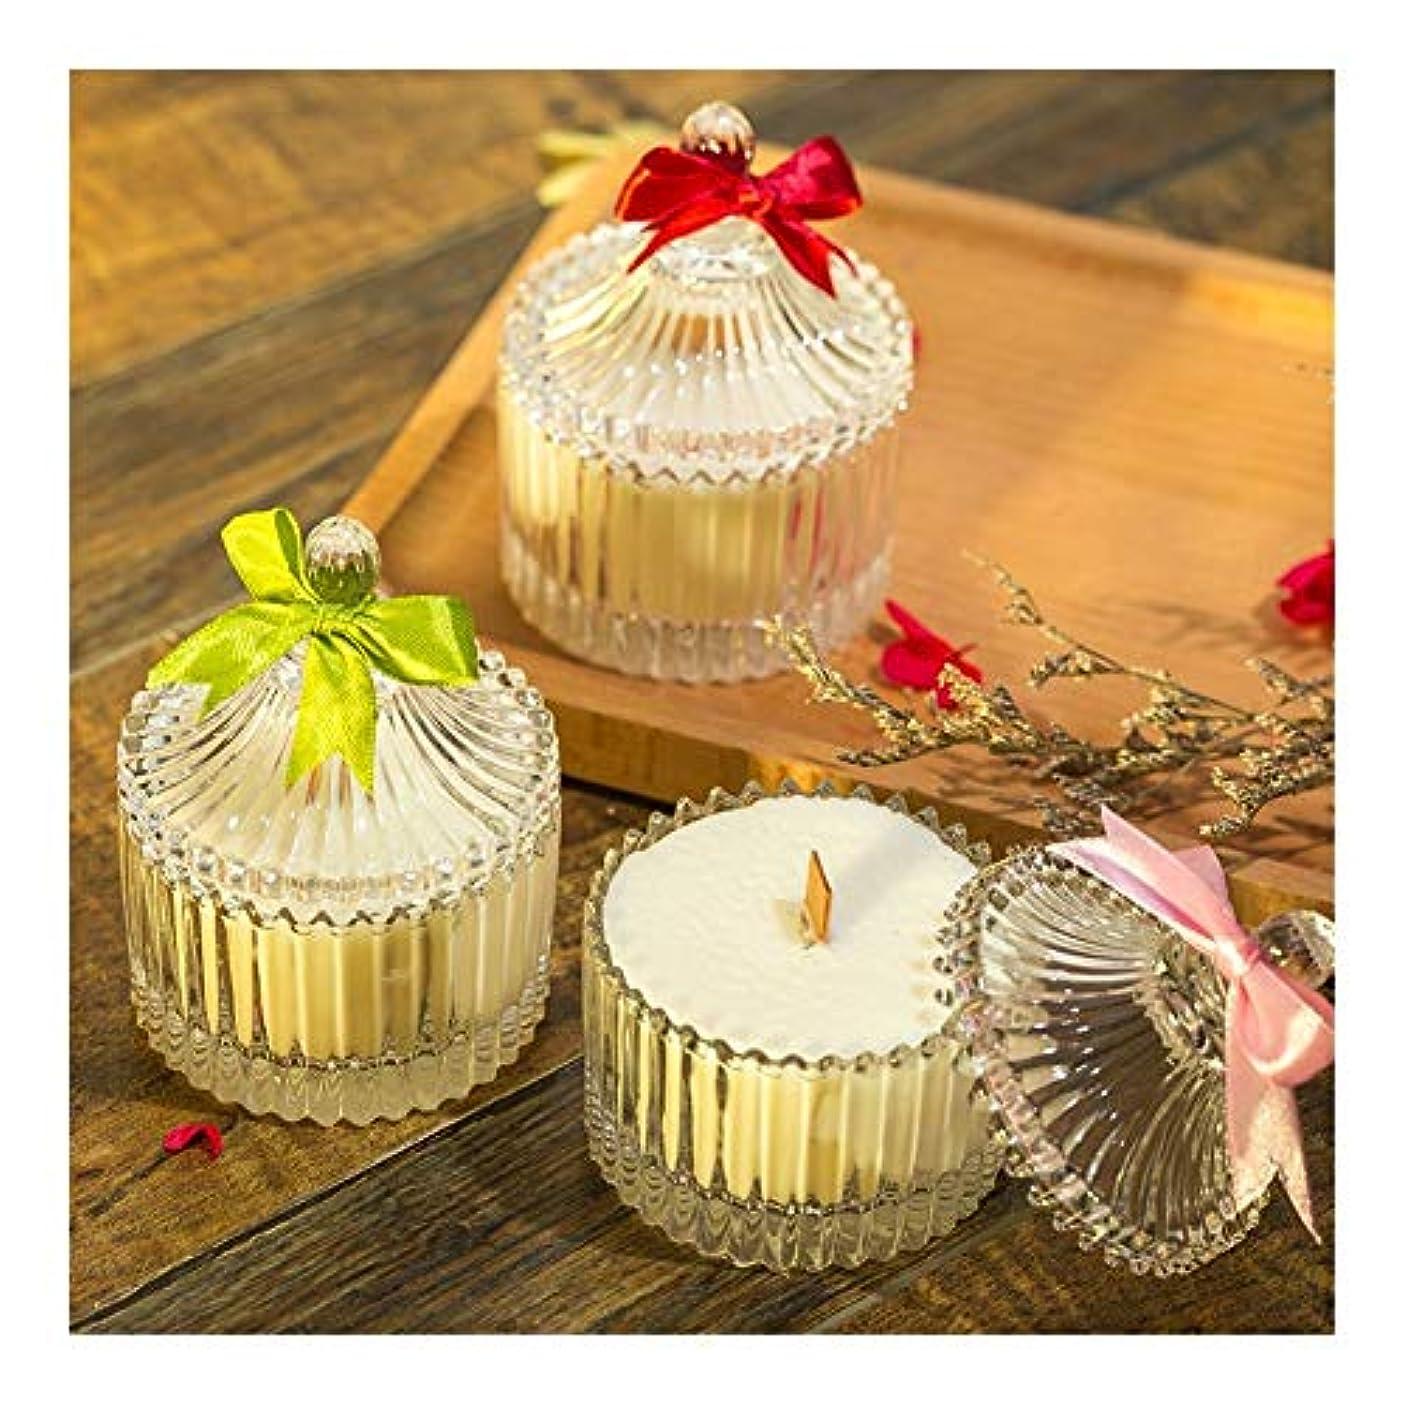 ショルダー編集者子犬Ztian 大豆の香料入りの蝋燭の無煙ガラスの蝋燭の結婚祝い (色 : Night scent)